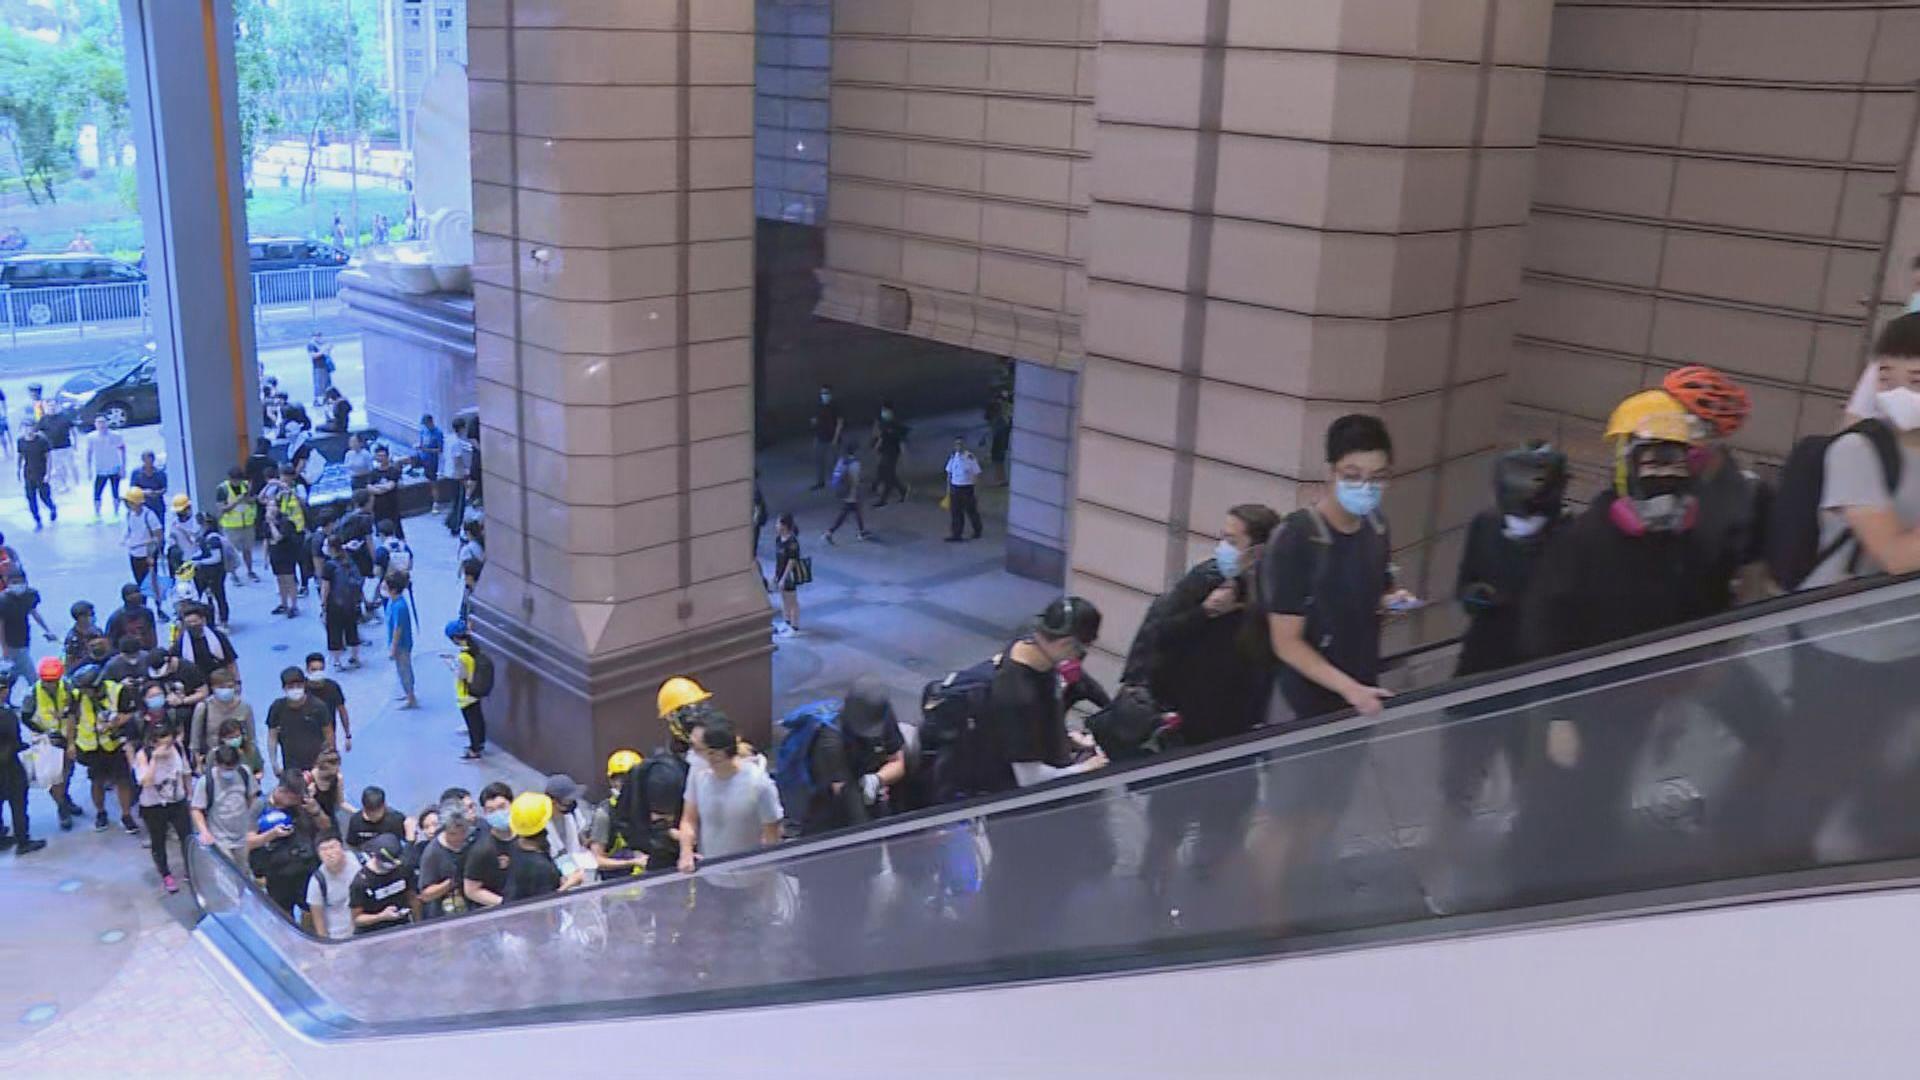 【將軍澳遊行】示威者向警署擲磚 將軍澳警署警方發清場警告 示威者隨即散去